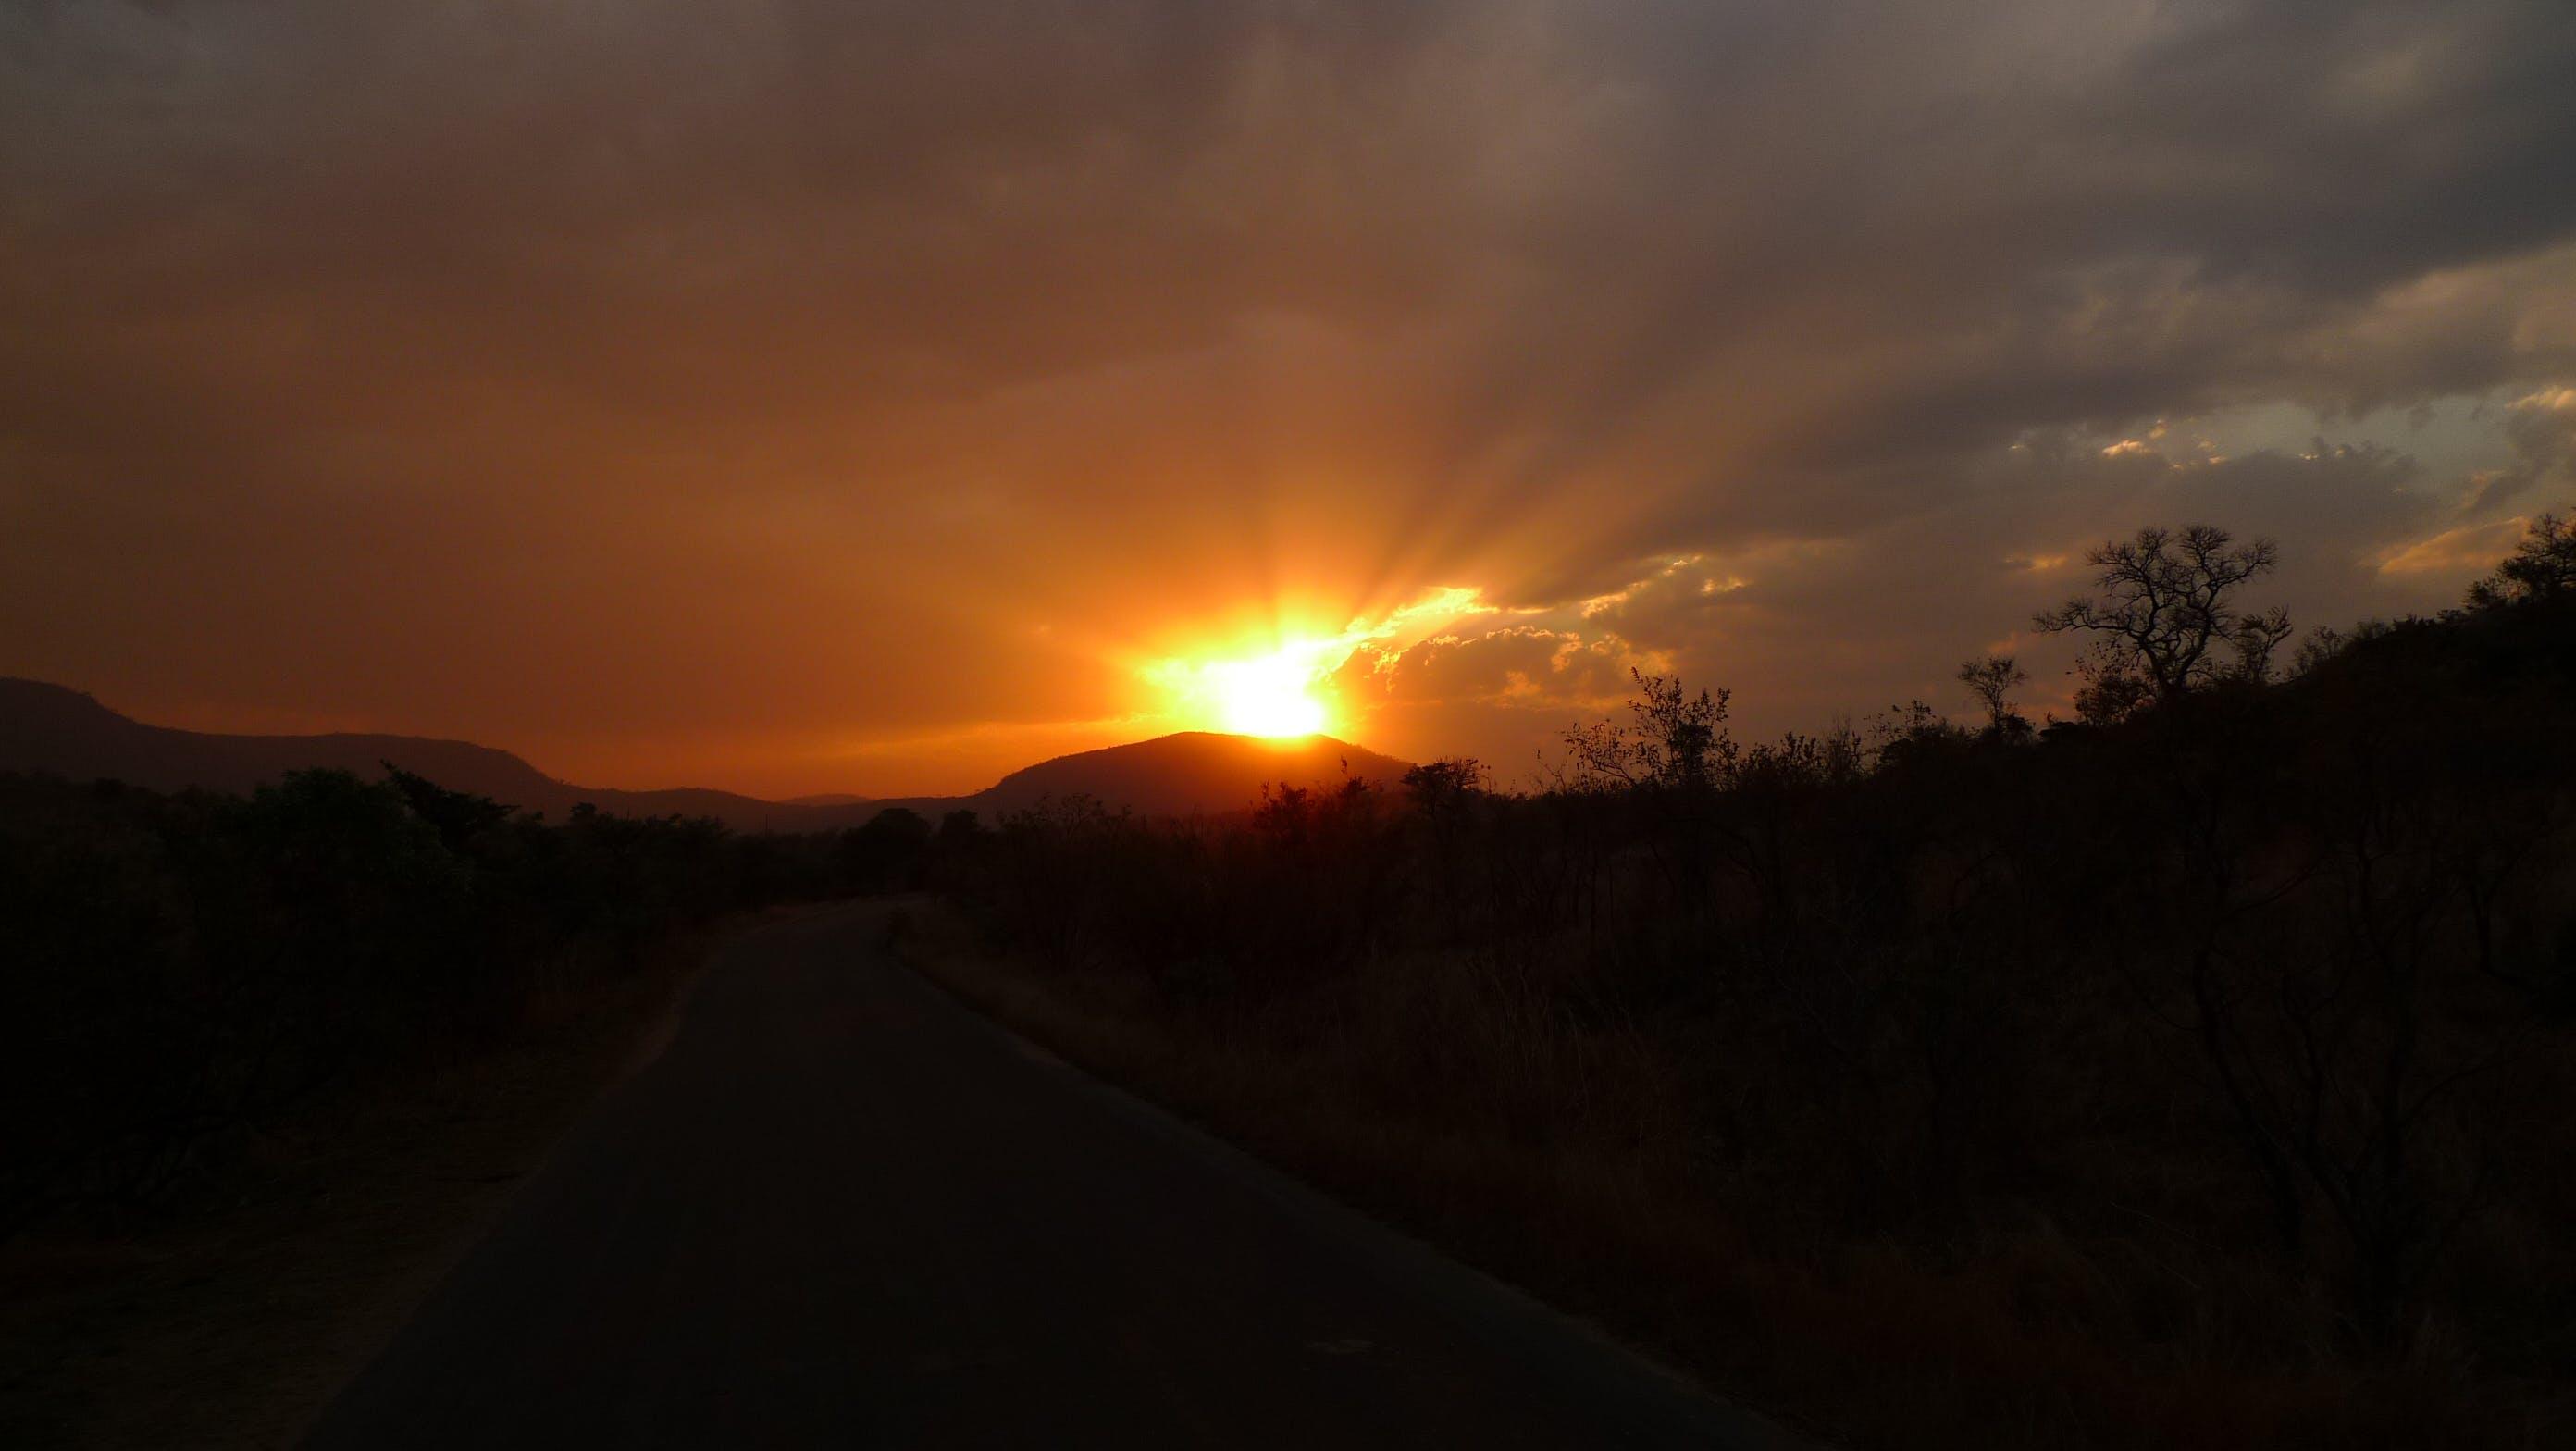 Δωρεάν στοκ φωτογραφιών με Ανατολή ηλίου, απόγευμα, αυγή, βουνό